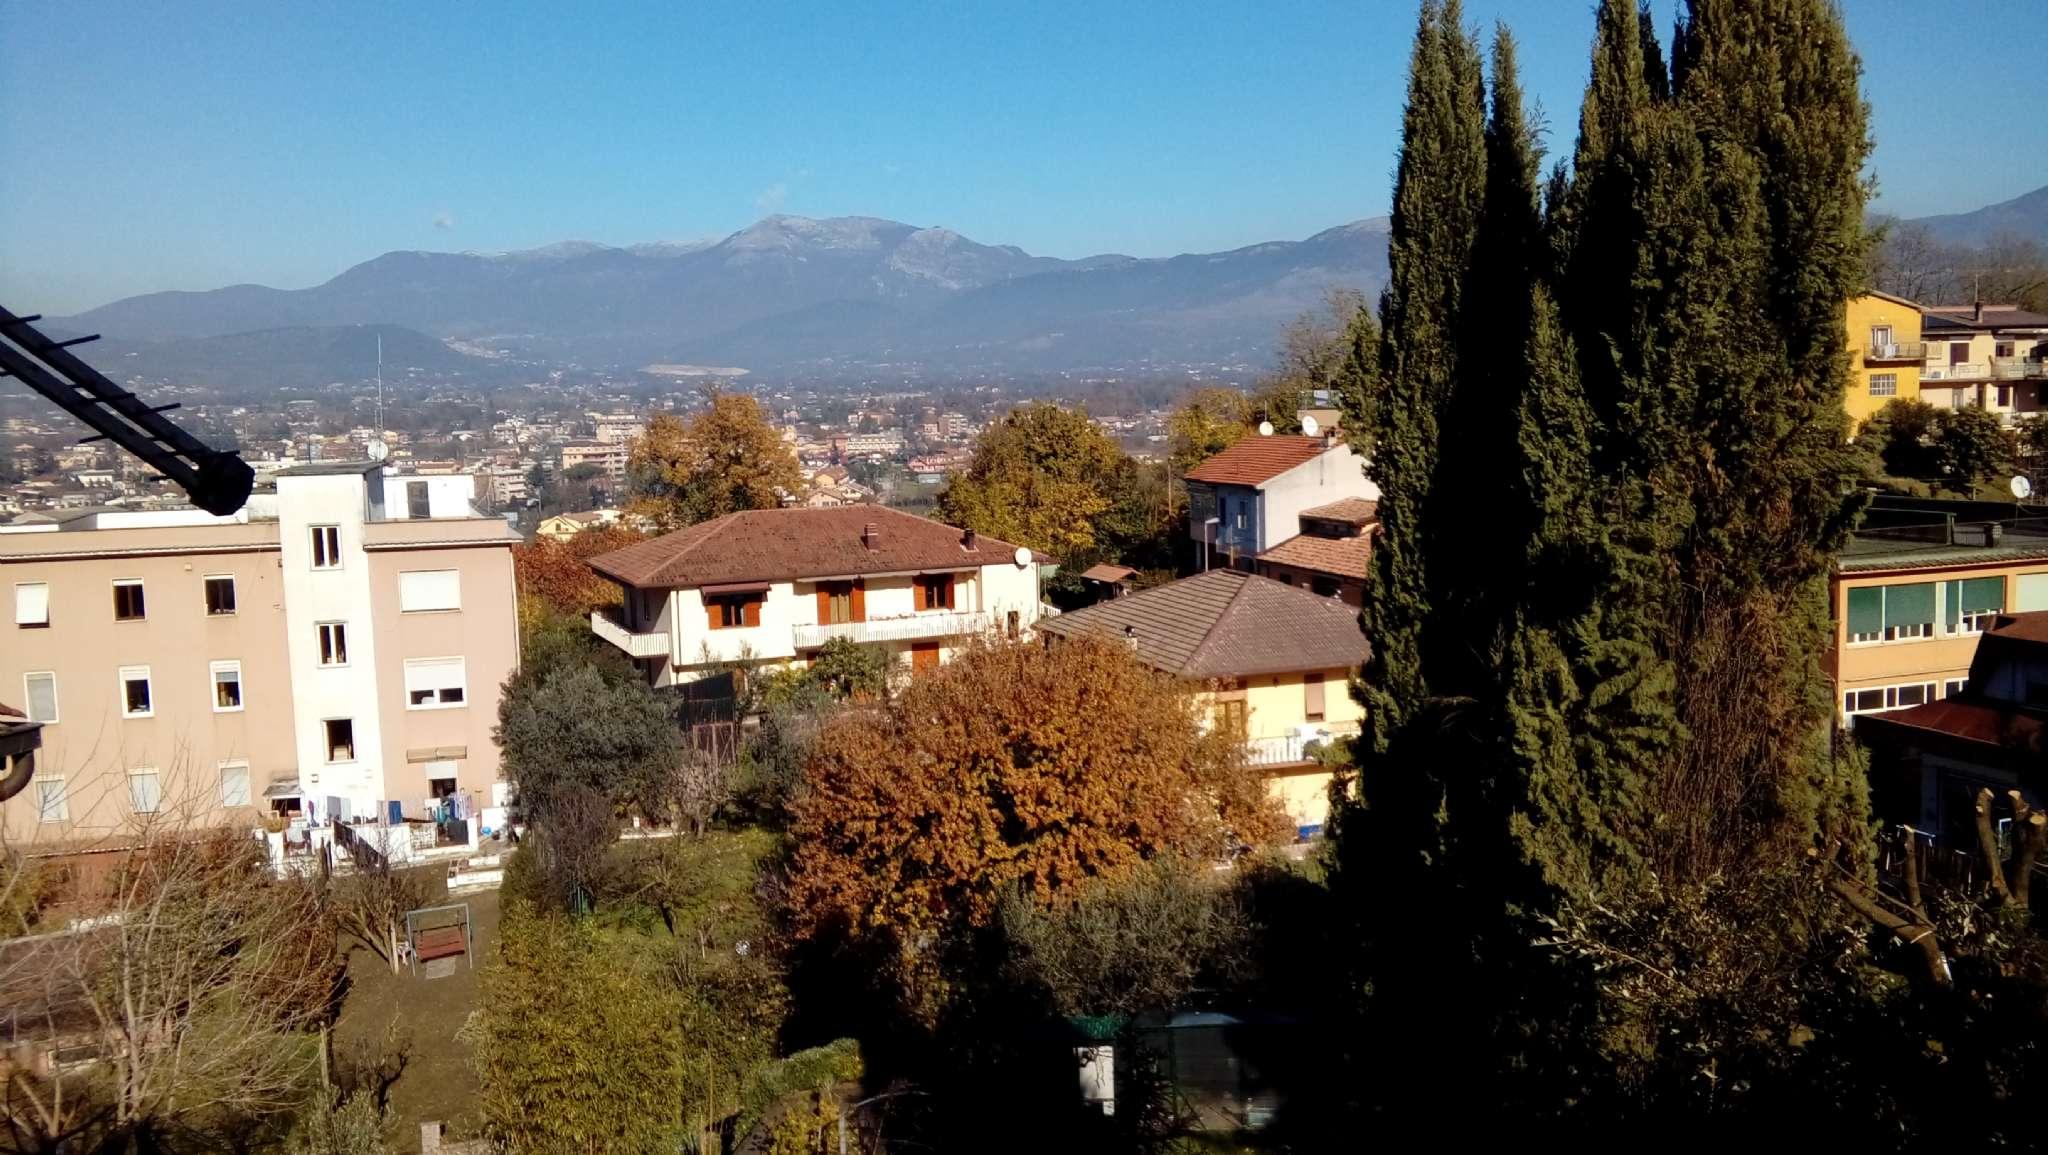 Soluzione Indipendente in vendita a Frosinone, 6 locali, prezzo € 80.000 | CambioCasa.it